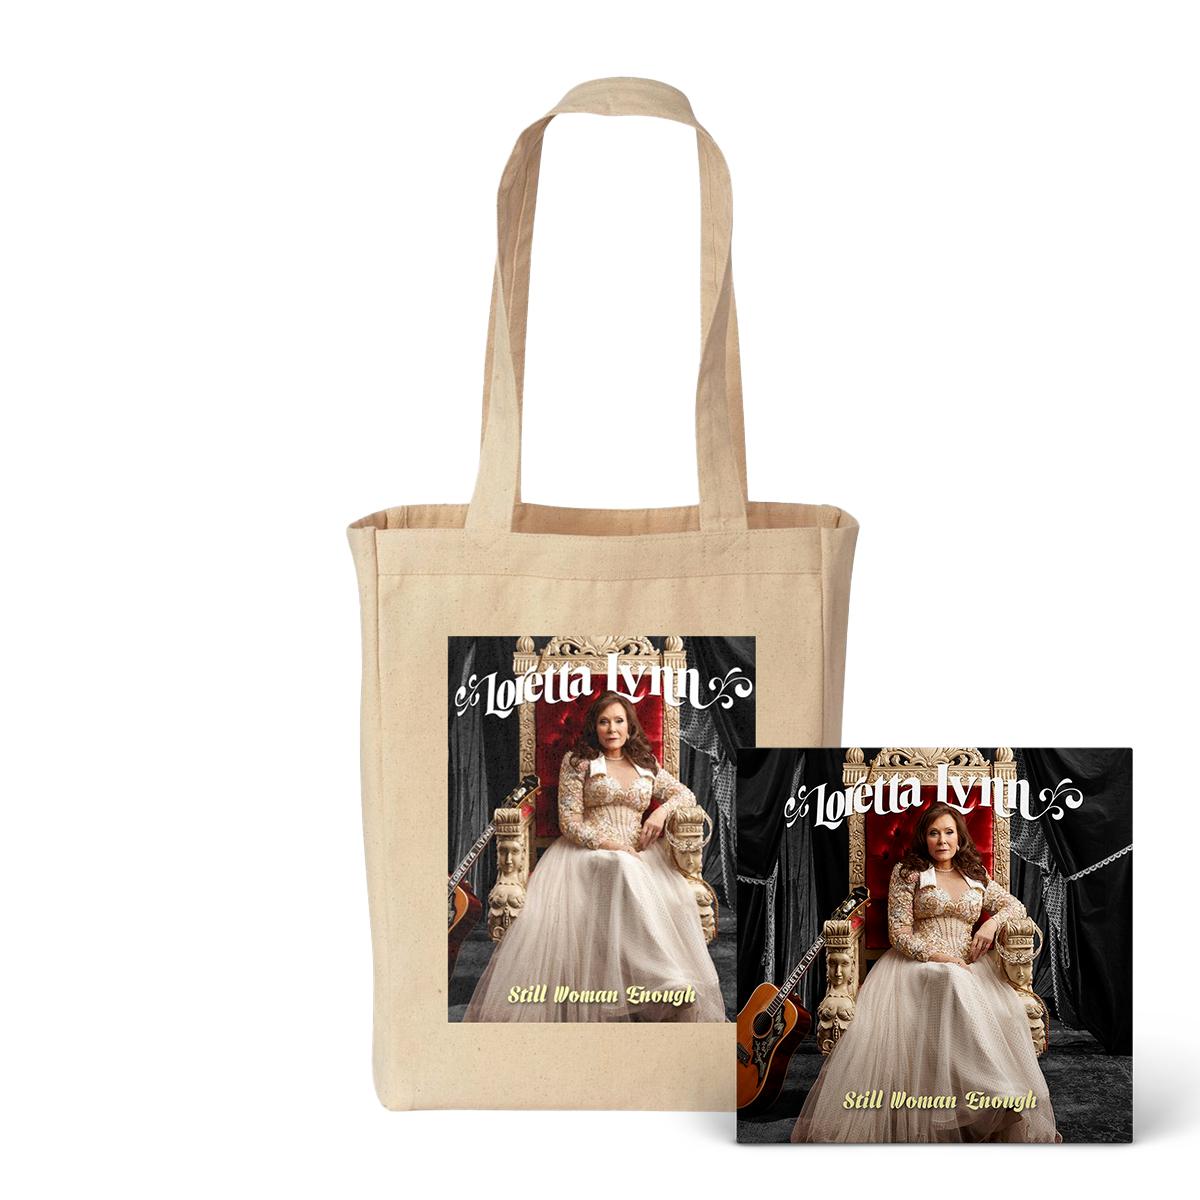 Still Woman Enough Tote Bag